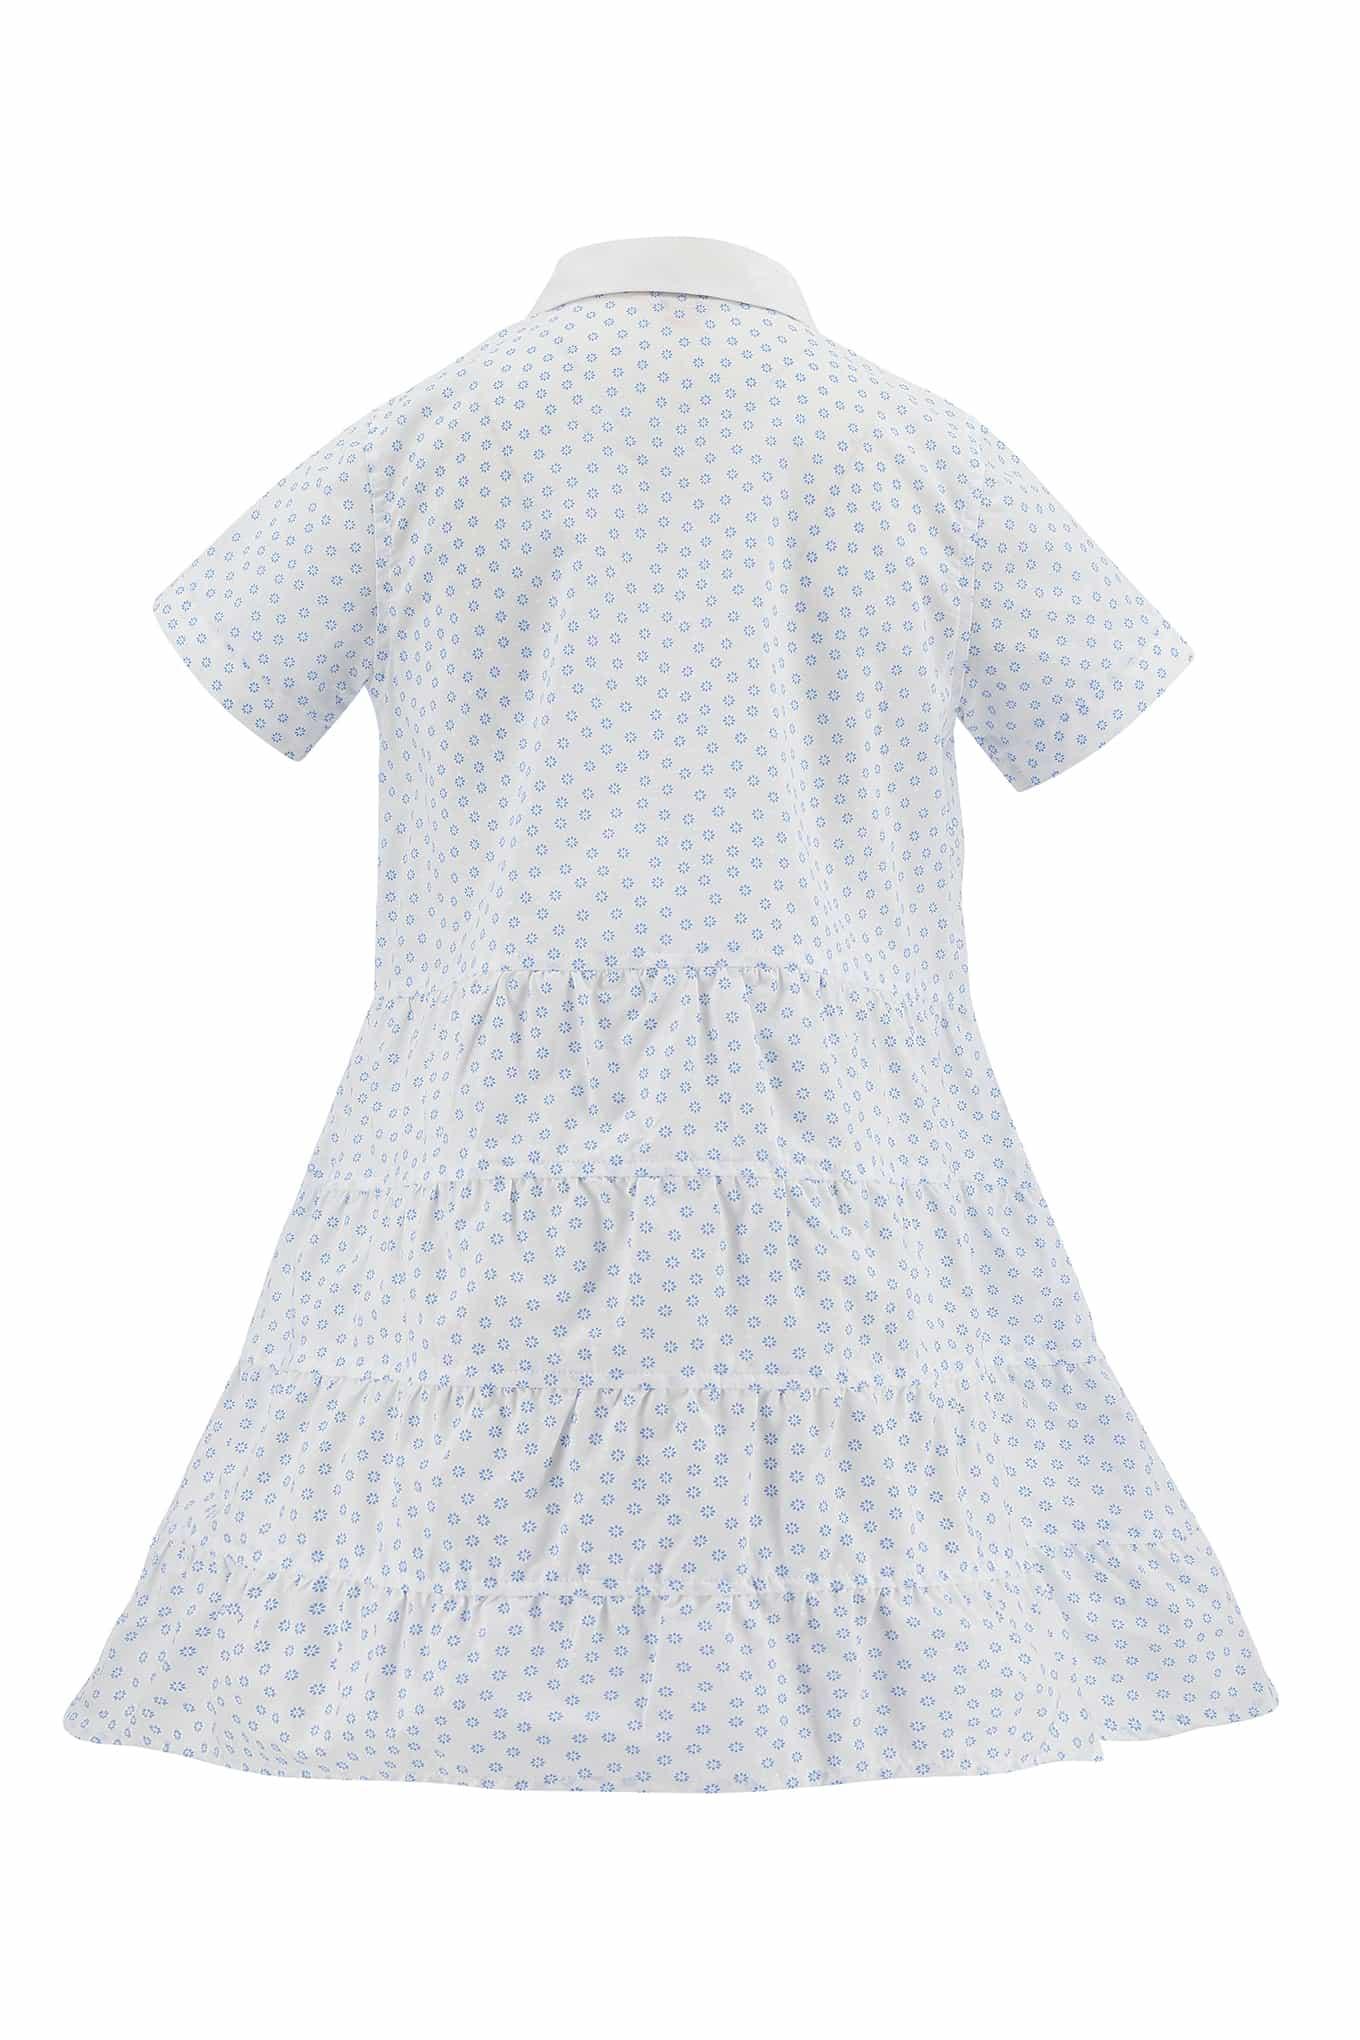 Vestido Camisaria Branco Casual Rapariga